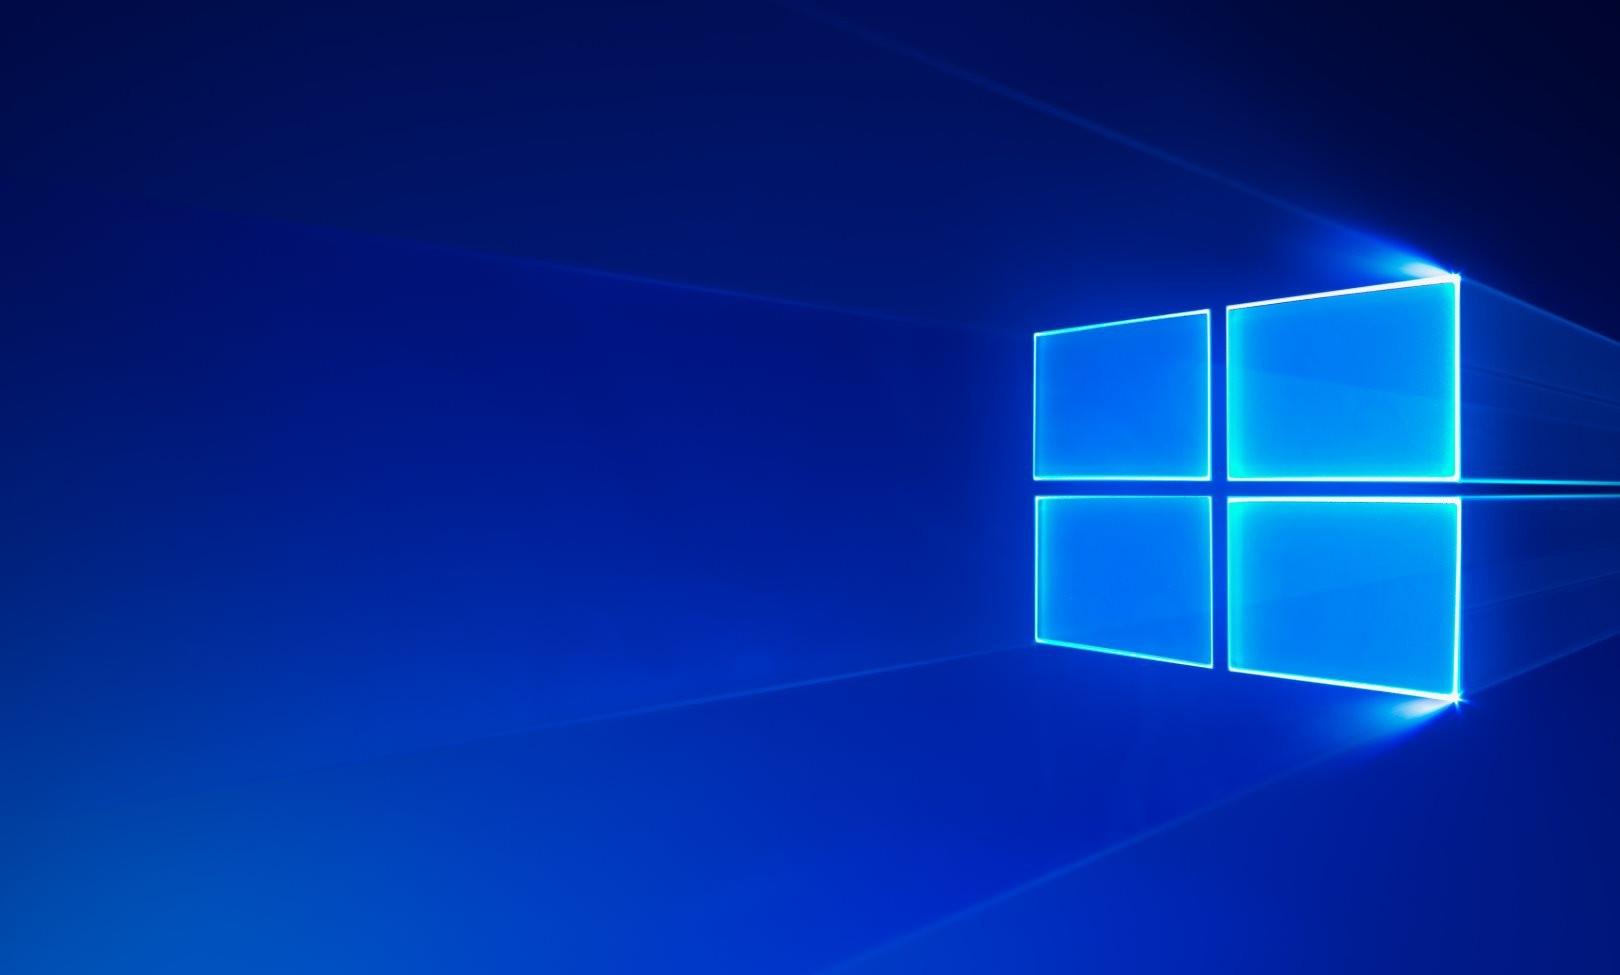 Microsoft Releases Windows 10 Cumulative Update Kb4495667